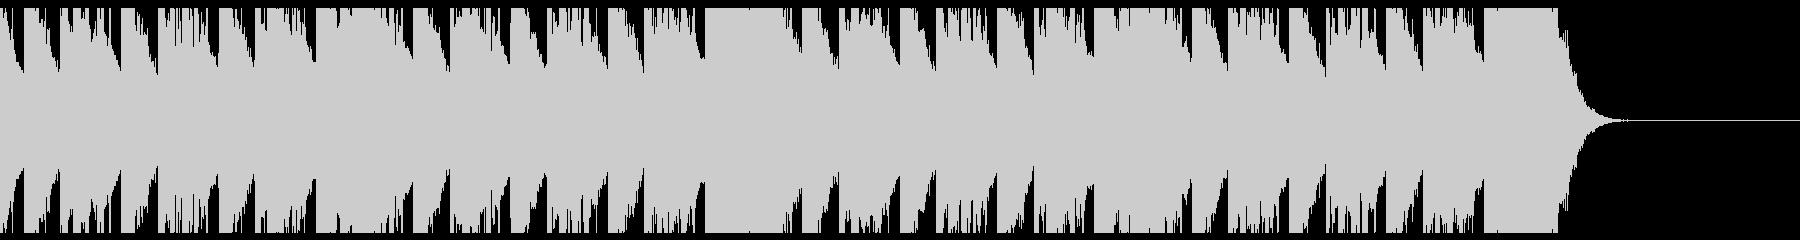 ヒップホップ/マフィア/オーケストラの未再生の波形